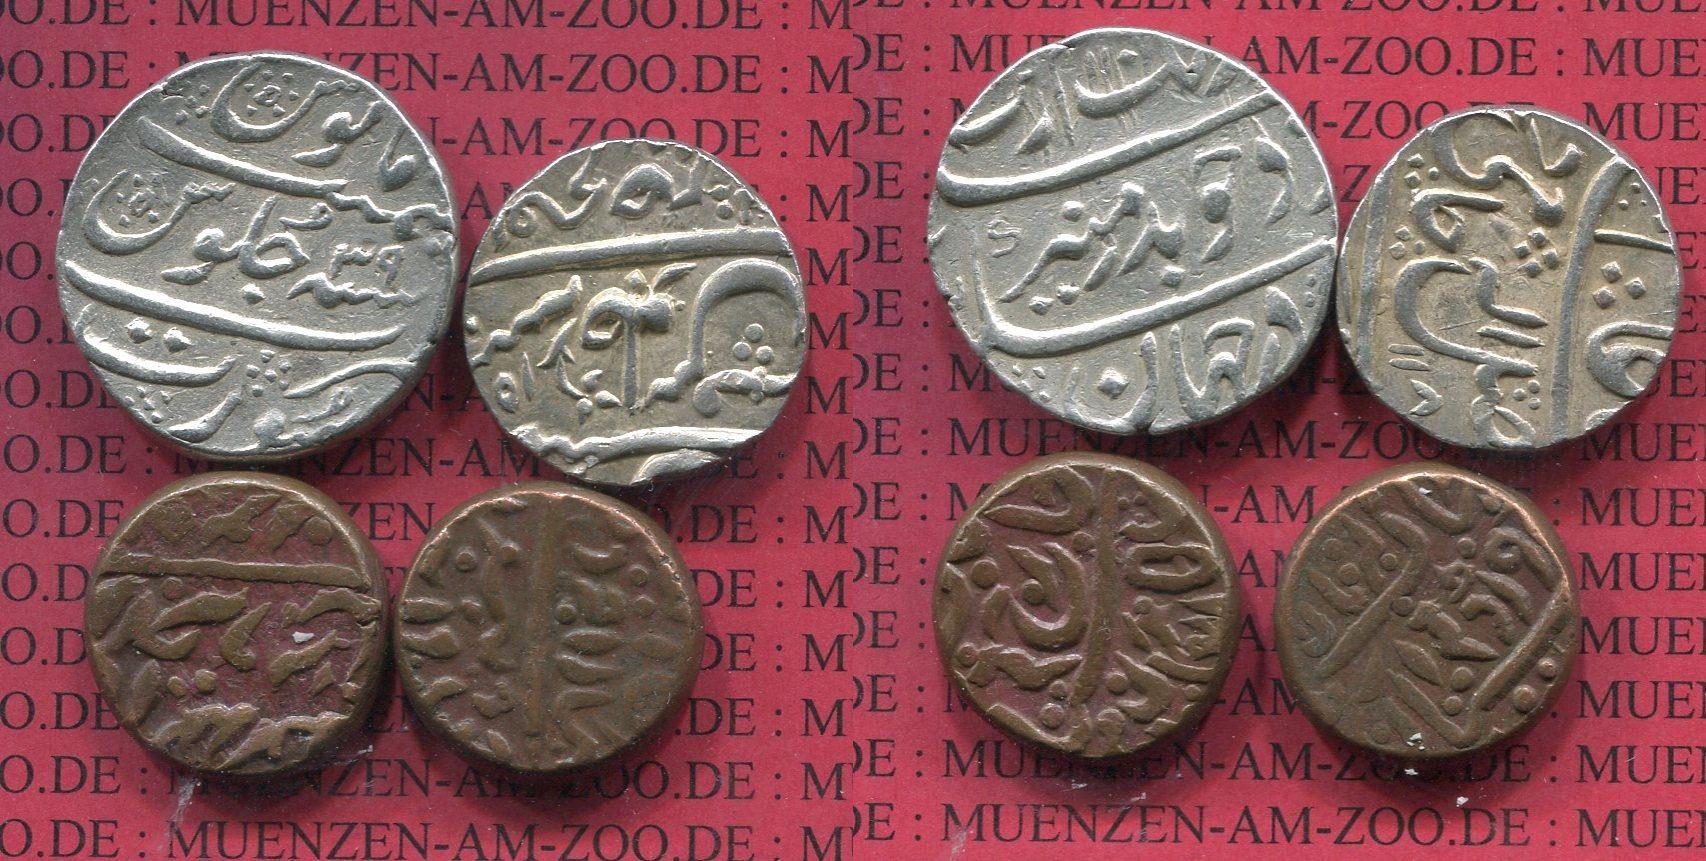 2 X Rupie 2 X Bronzen Oj Indien Mughal Indien 2 X 1 Rupie Silber